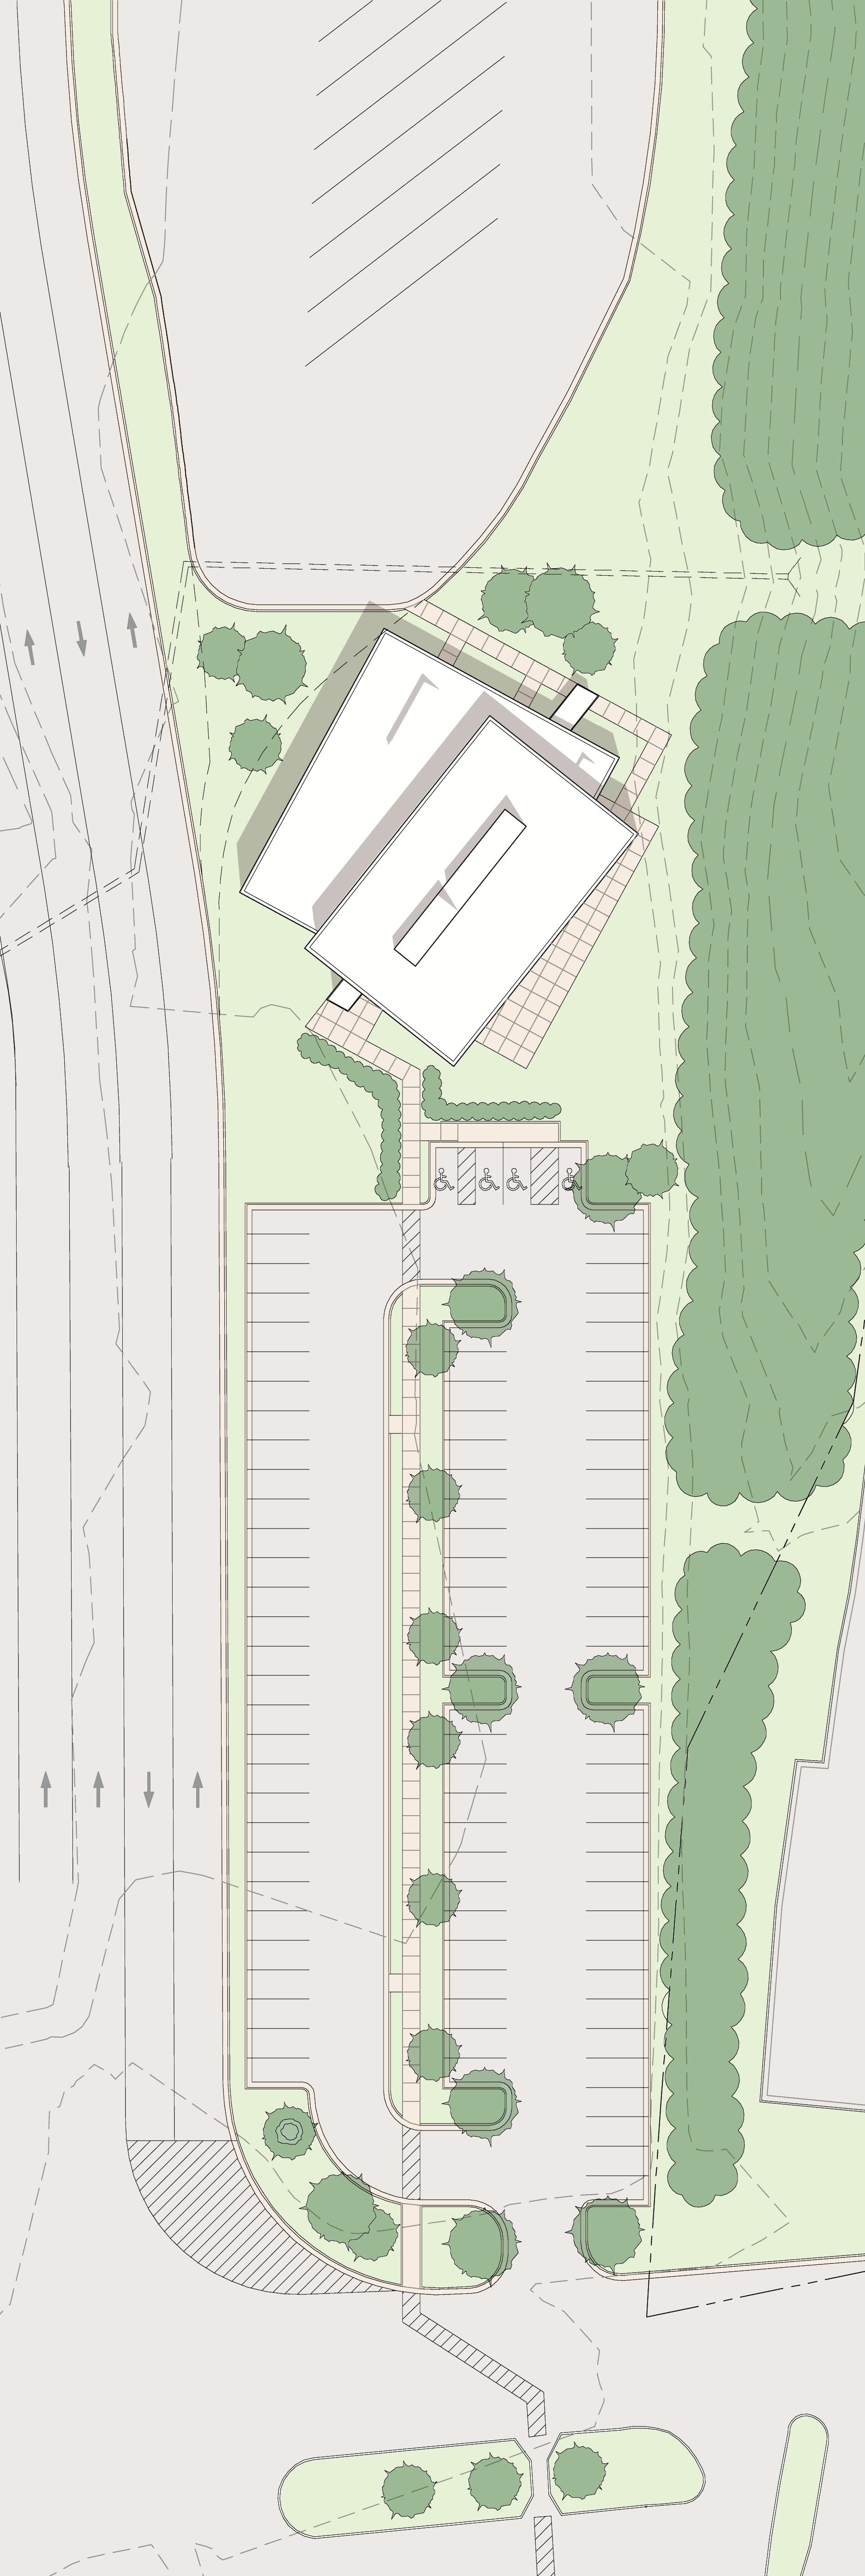 Scheme 1 Site Plan Rendering.jpg